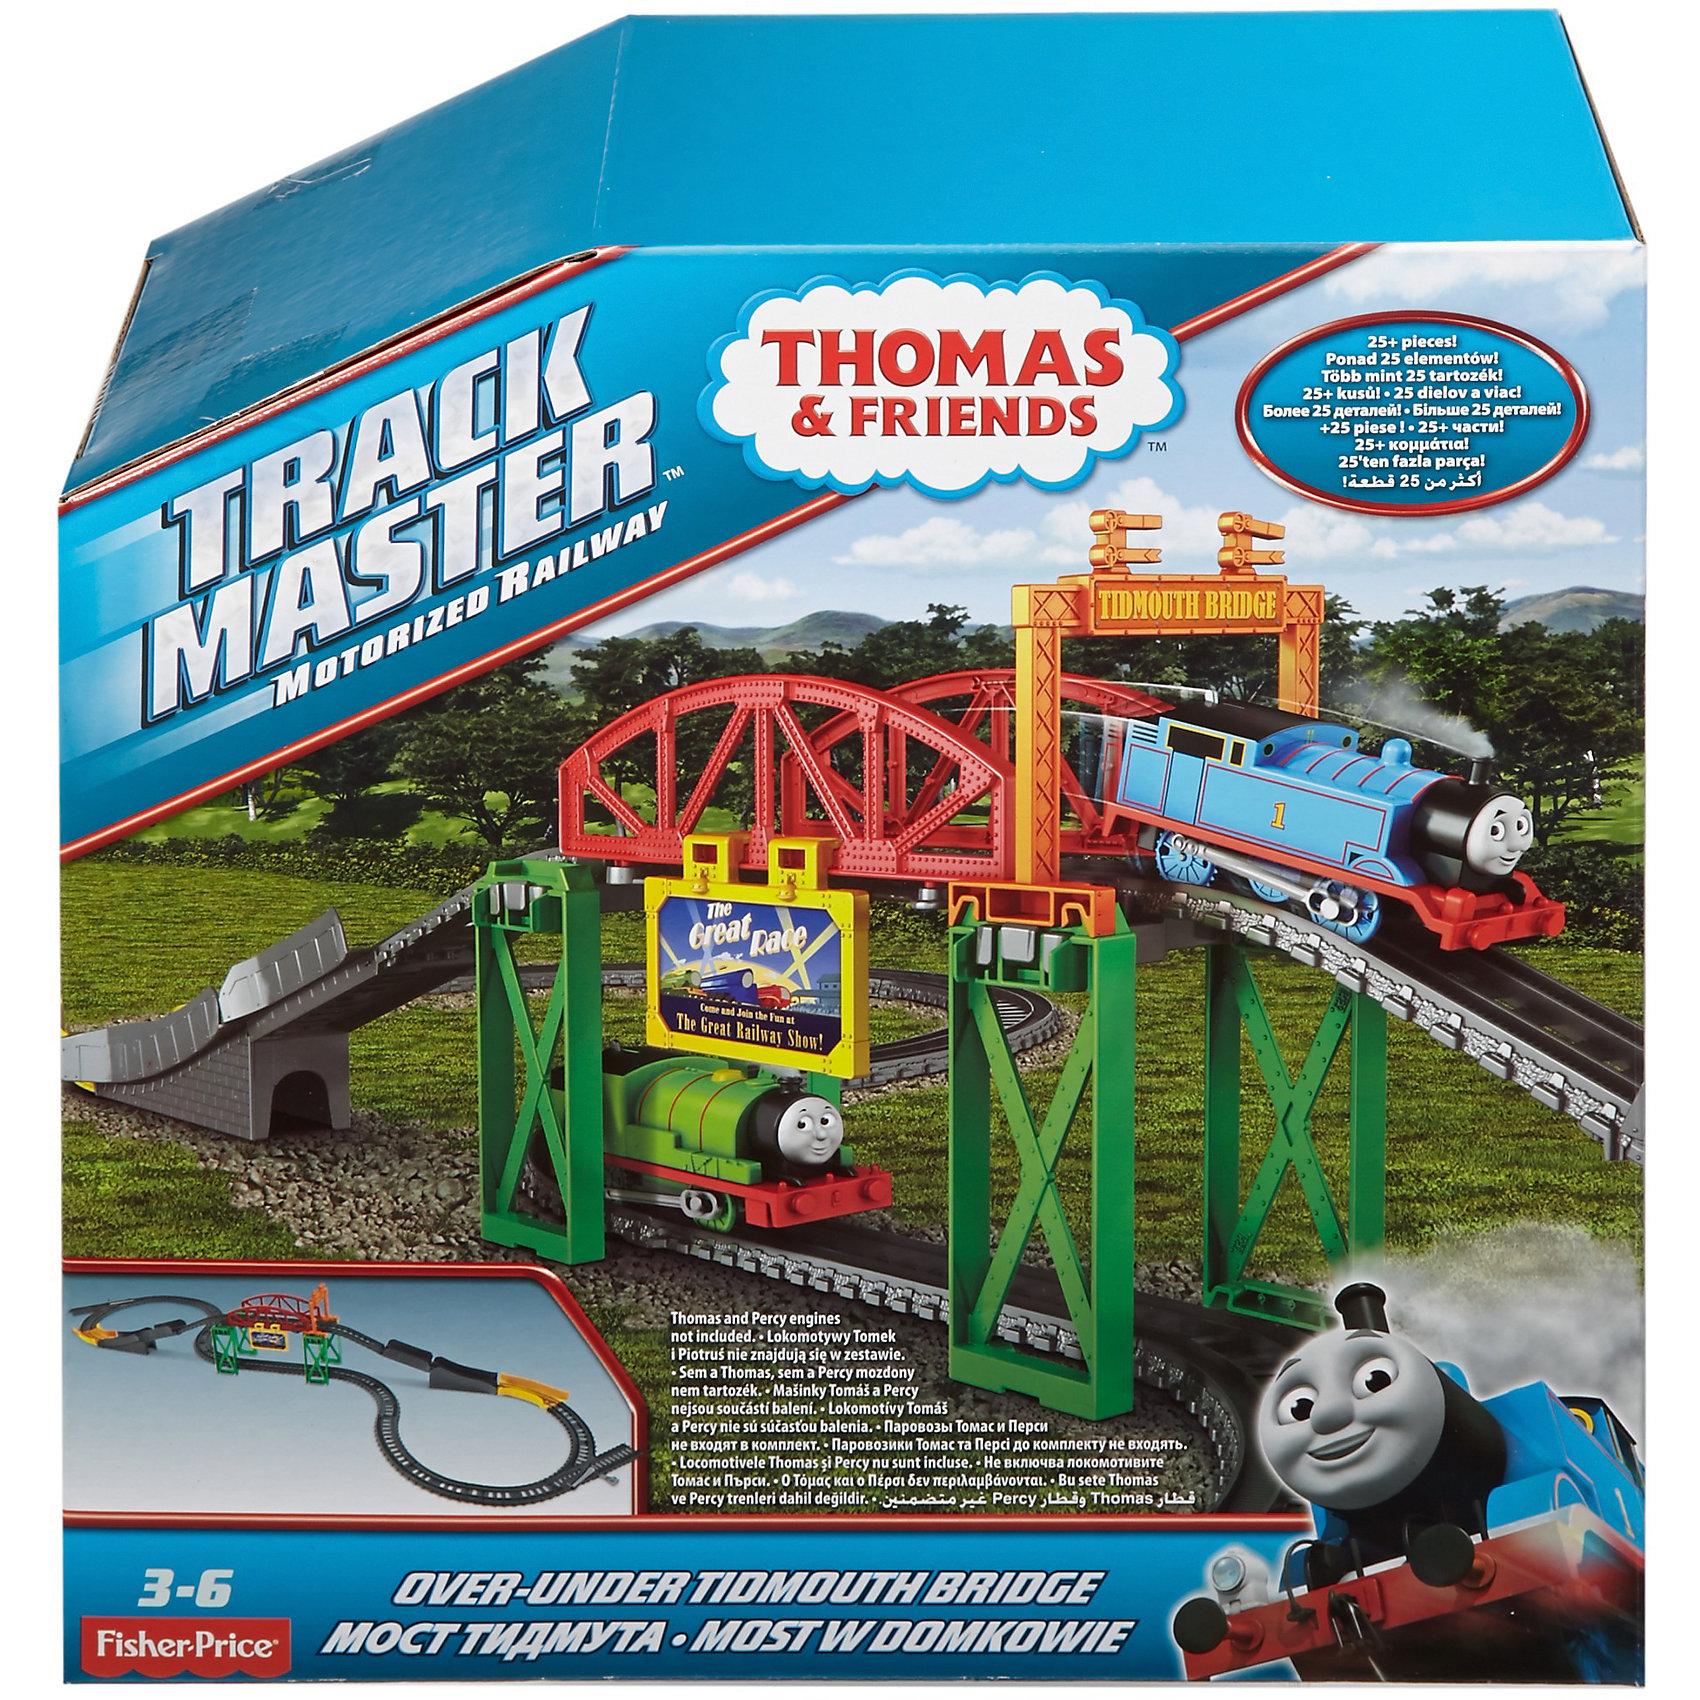 Игровой набор Гонка по болоту, Томас и его друзьяИгровой набор Гонка по болоту, Томас и его друзья.<br><br>Характеристики:<br><br>• В наборе: детали для сборки железной дороги, отбойники, детали для сборки моста, знак Большая гонка<br>• Количество деталей: 25<br>• Материал: пластик<br>• Размер упаковки: 25х13х25 см.<br>• Вес: 820 гр.<br><br>Игровой набор Гонка по болоту, созданный по мотивам мультфильма «Томас и его друзья», подарит ребенку массу удовольствия. С ним можно придумывать новые увлекательные приключения для героев мультфильма, развивая воображение и фантазию. Трасса включает 2 уровня - паровозик (приобретается отдельно) может проехать как по мосту, так и под ним. <br><br>Путь, по которому будет двигаться паровозик, очень извилистый. Особо опасные повороты защищены специальными ограждениями, чтобы паровозик не сошел с рельс. Мост украшен красочным знаком Большая гонка. Железная дорога собирается легко и просто, так что с этим заданием сможет справиться и ребенок. Все элементы набора выполнены из высококачественного пластика и покрыты нетоксичными красками. Набор совместим с другими наборами Track Master.<br><br>Игровой набор Гонка по болоту, Томас и его друзья можно купить в нашем интернет-магазине.<br><br>Ширина мм: 240<br>Глубина мм: 115<br>Высота мм: 240<br>Вес г: 914<br>Возраст от месяцев: 36<br>Возраст до месяцев: 120<br>Пол: Мужской<br>Возраст: Детский<br>SKU: 5440320